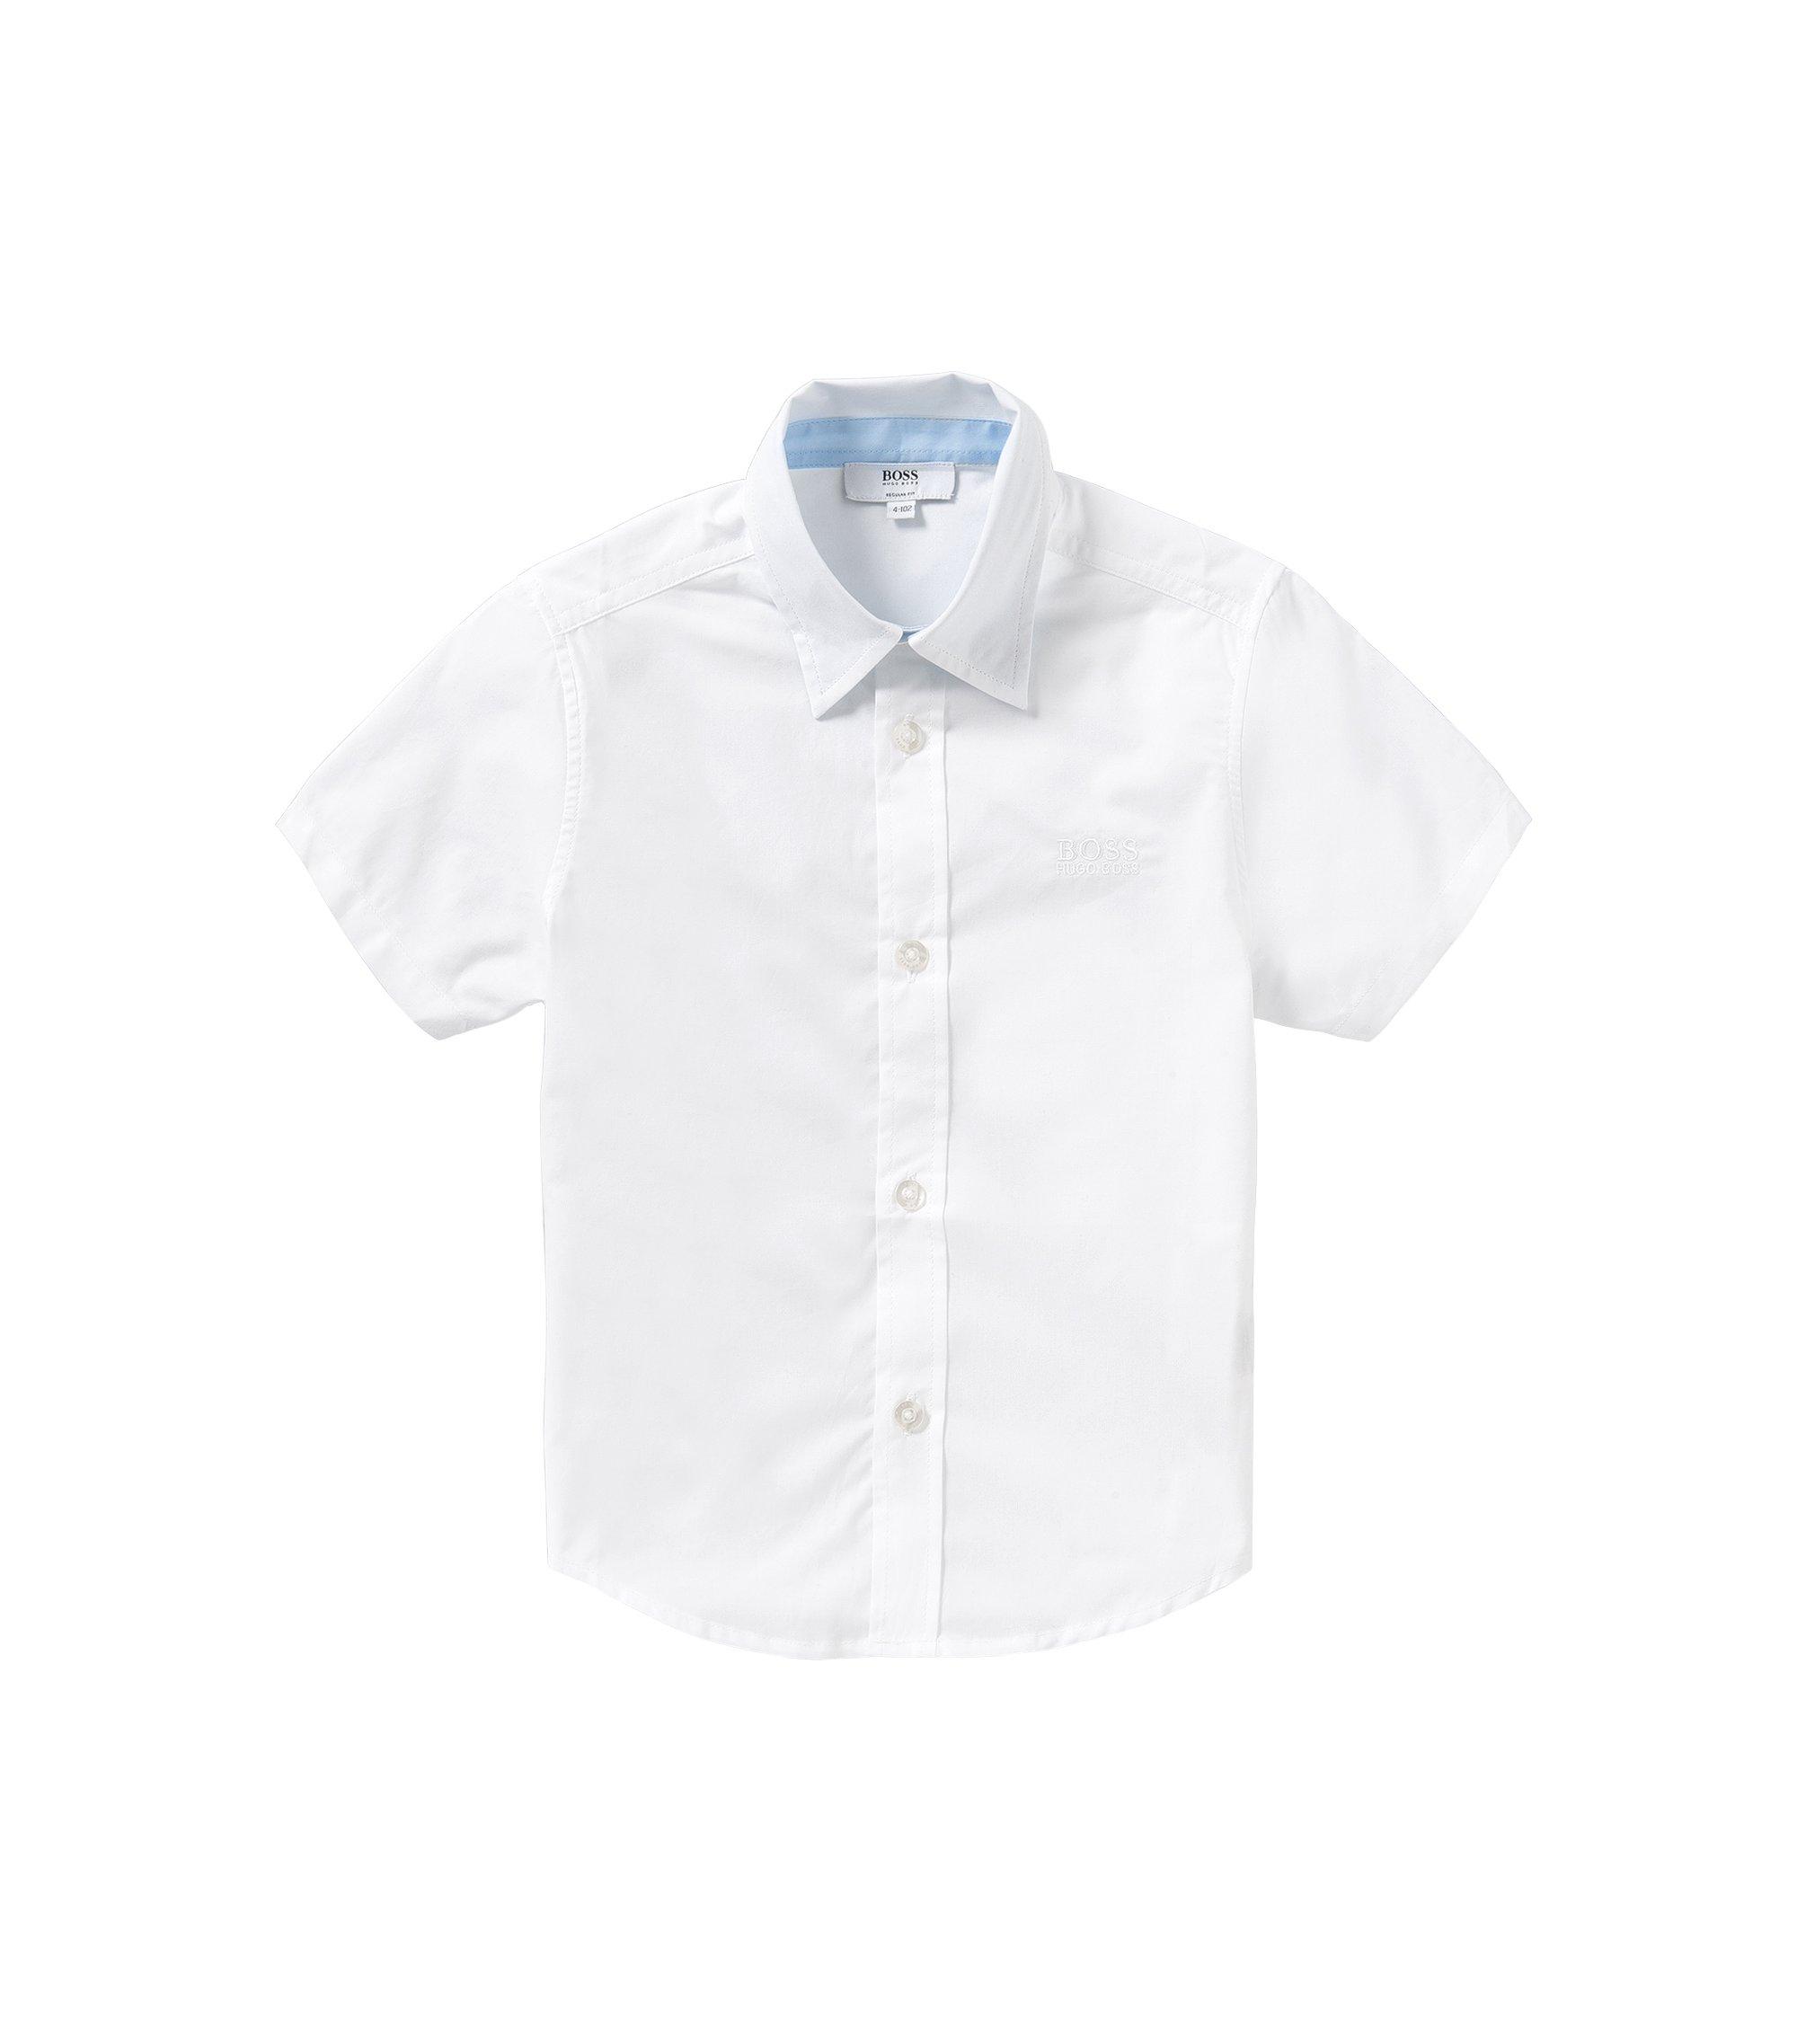 Regular-Fit Kids-Hemd aus Baumwolle: 'J25944', Weiß